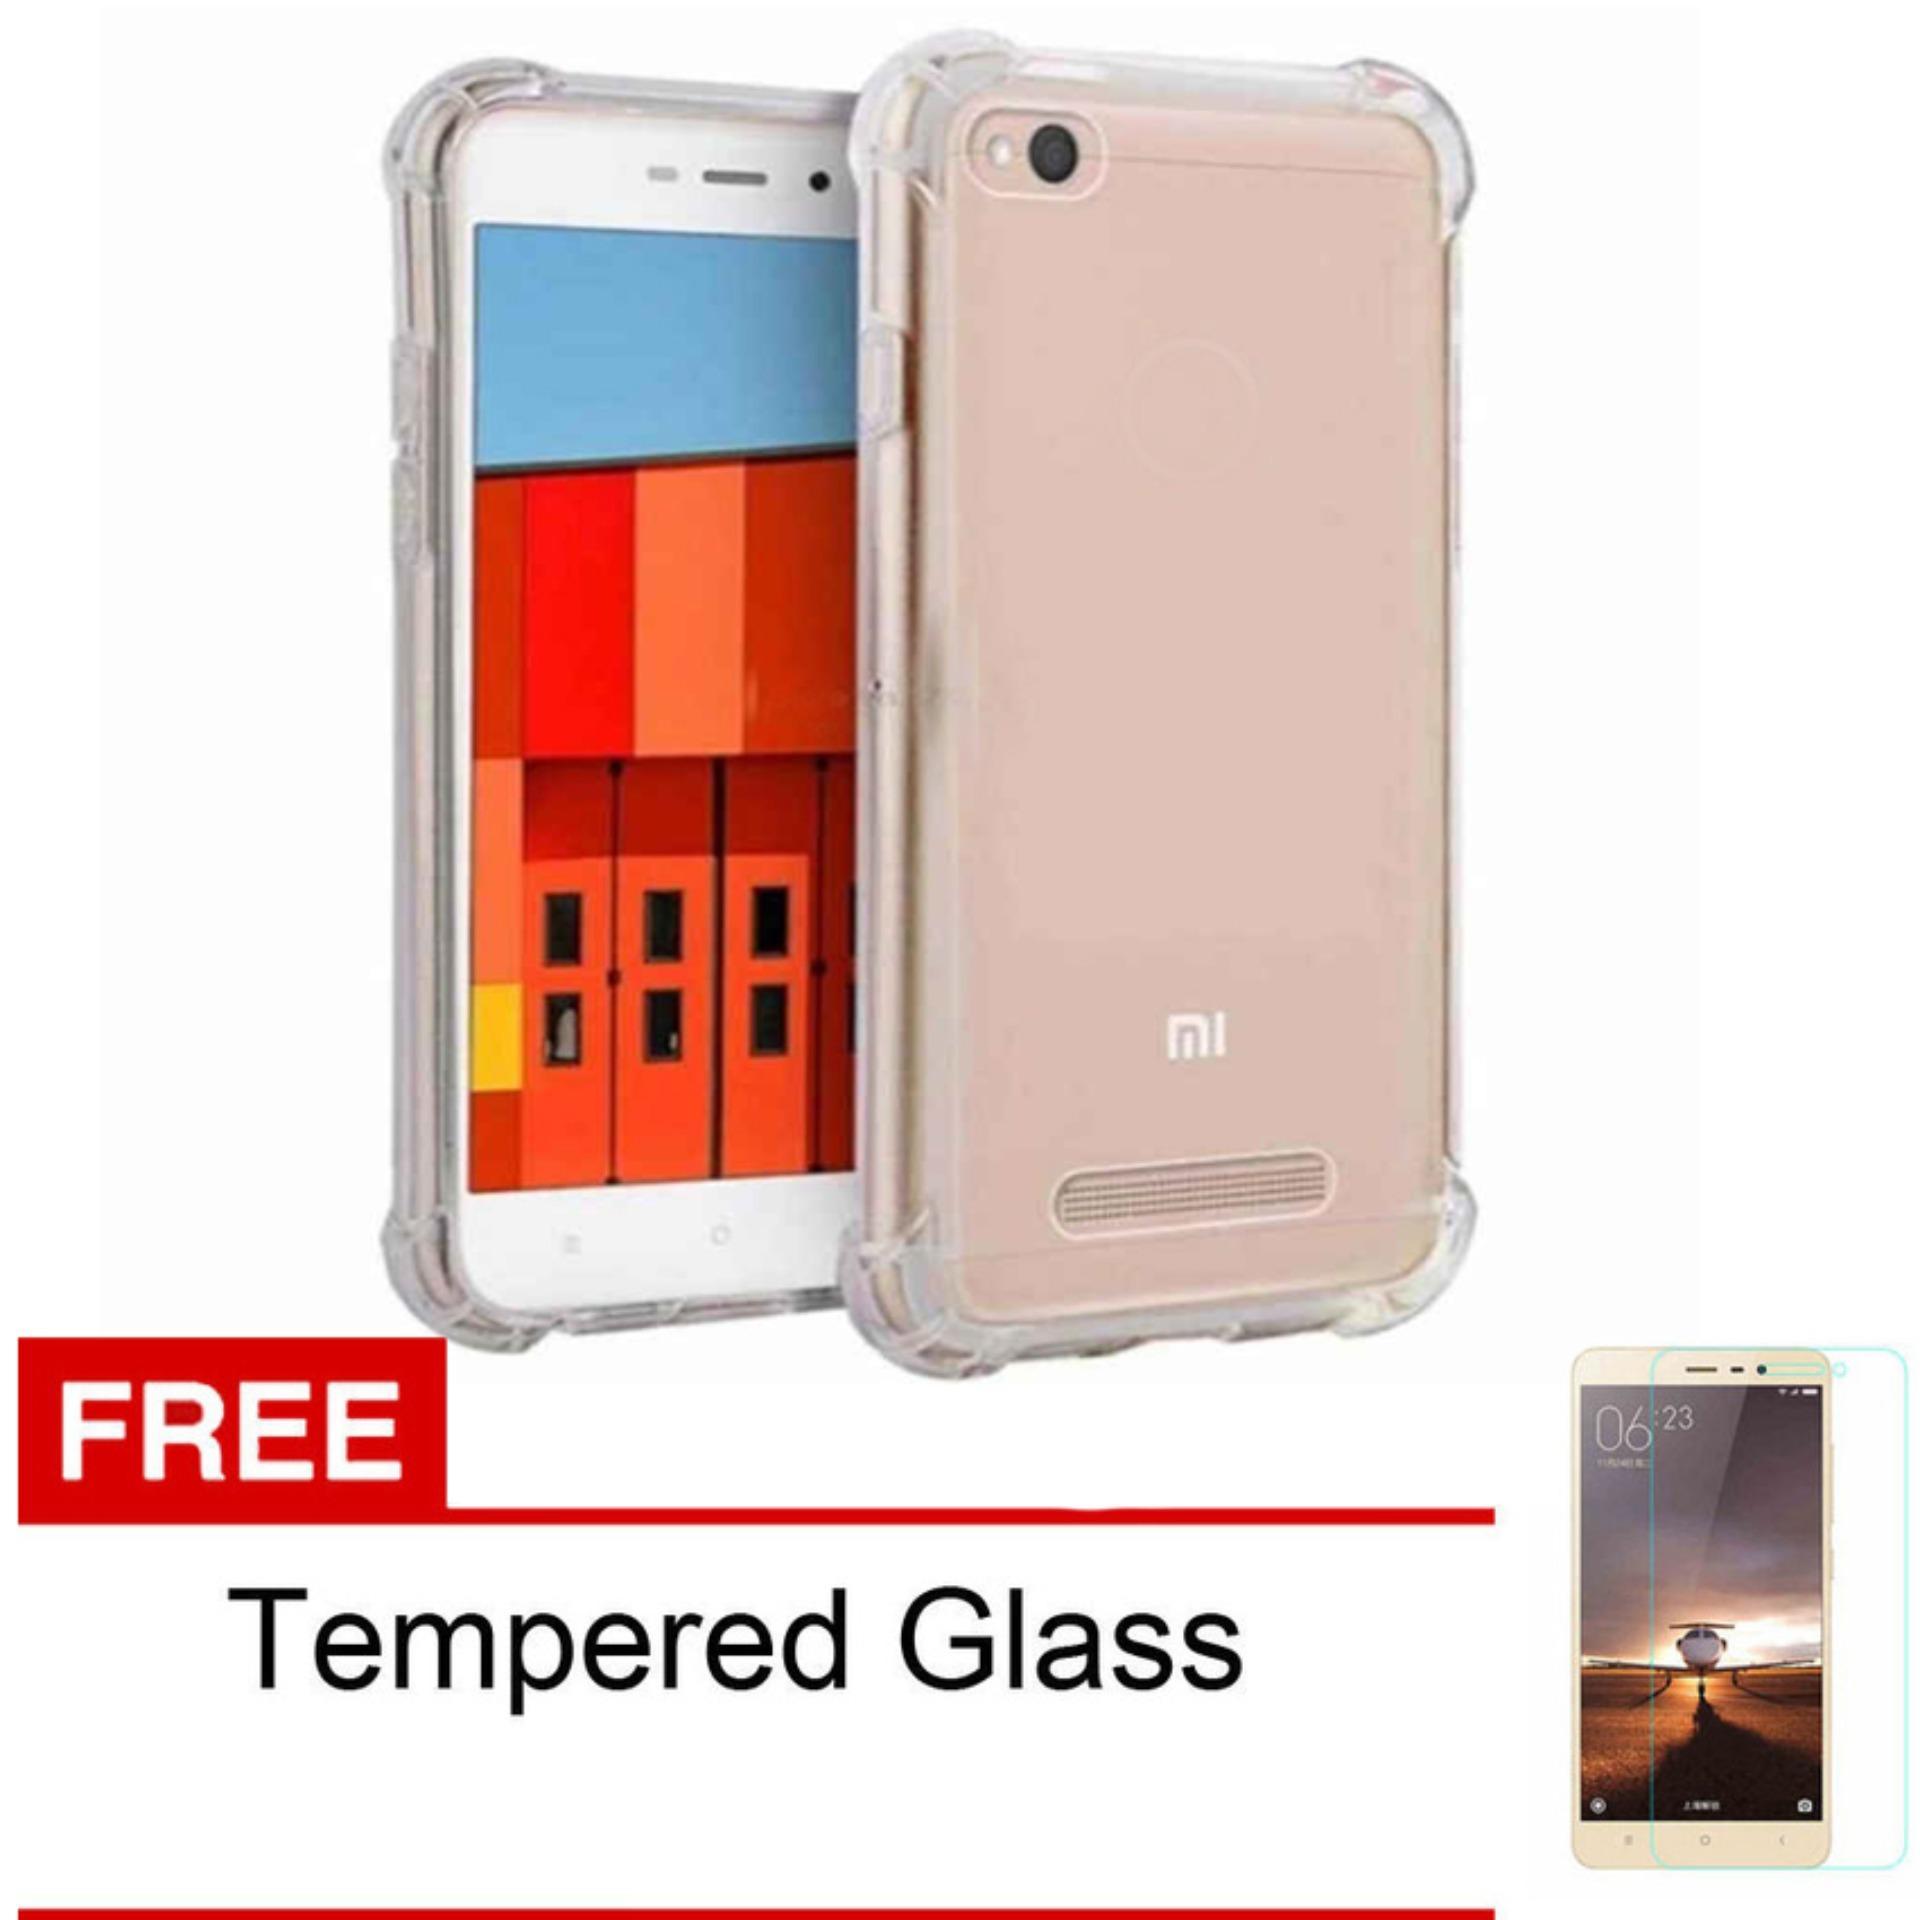 Jak Shop Soft Case Anti Crack / Anti Shock Case Xiaomi redmi 4a Kualitas Gred A